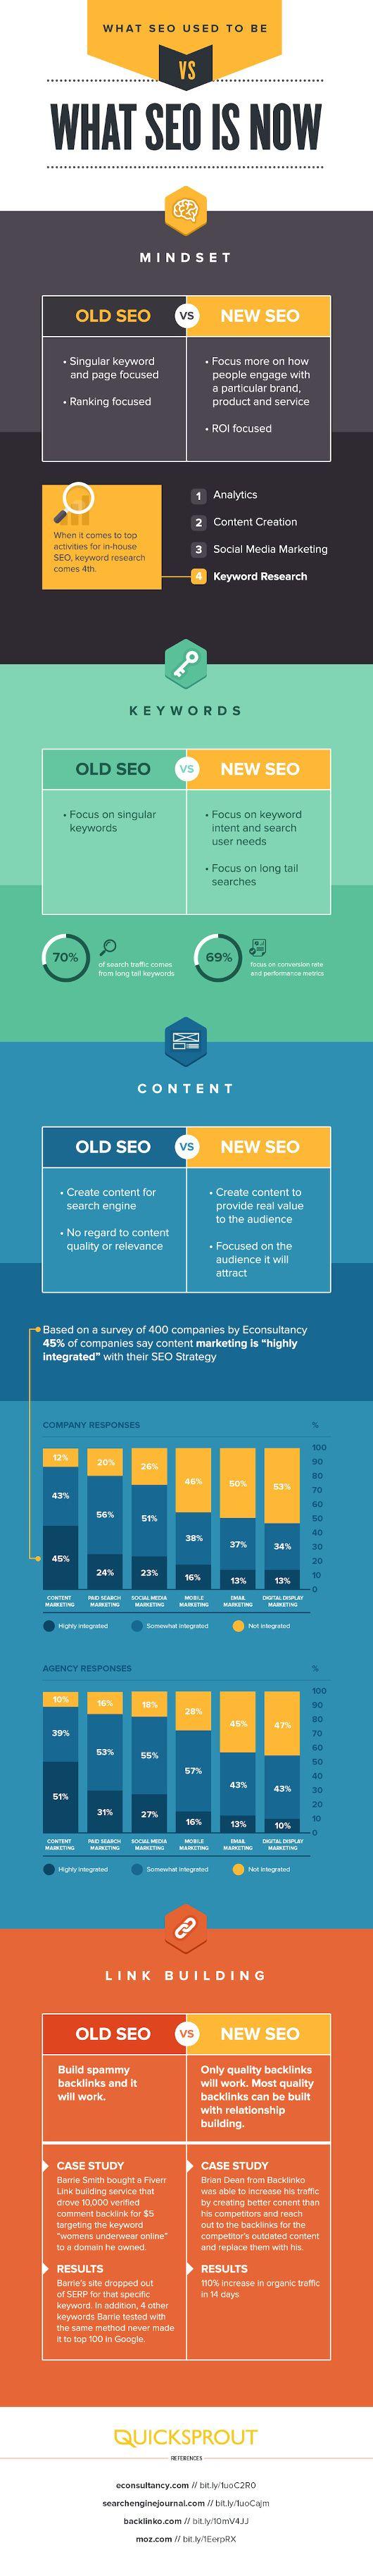 Infografik SEO alt vs neu by Quicksprout | Online Marketing News